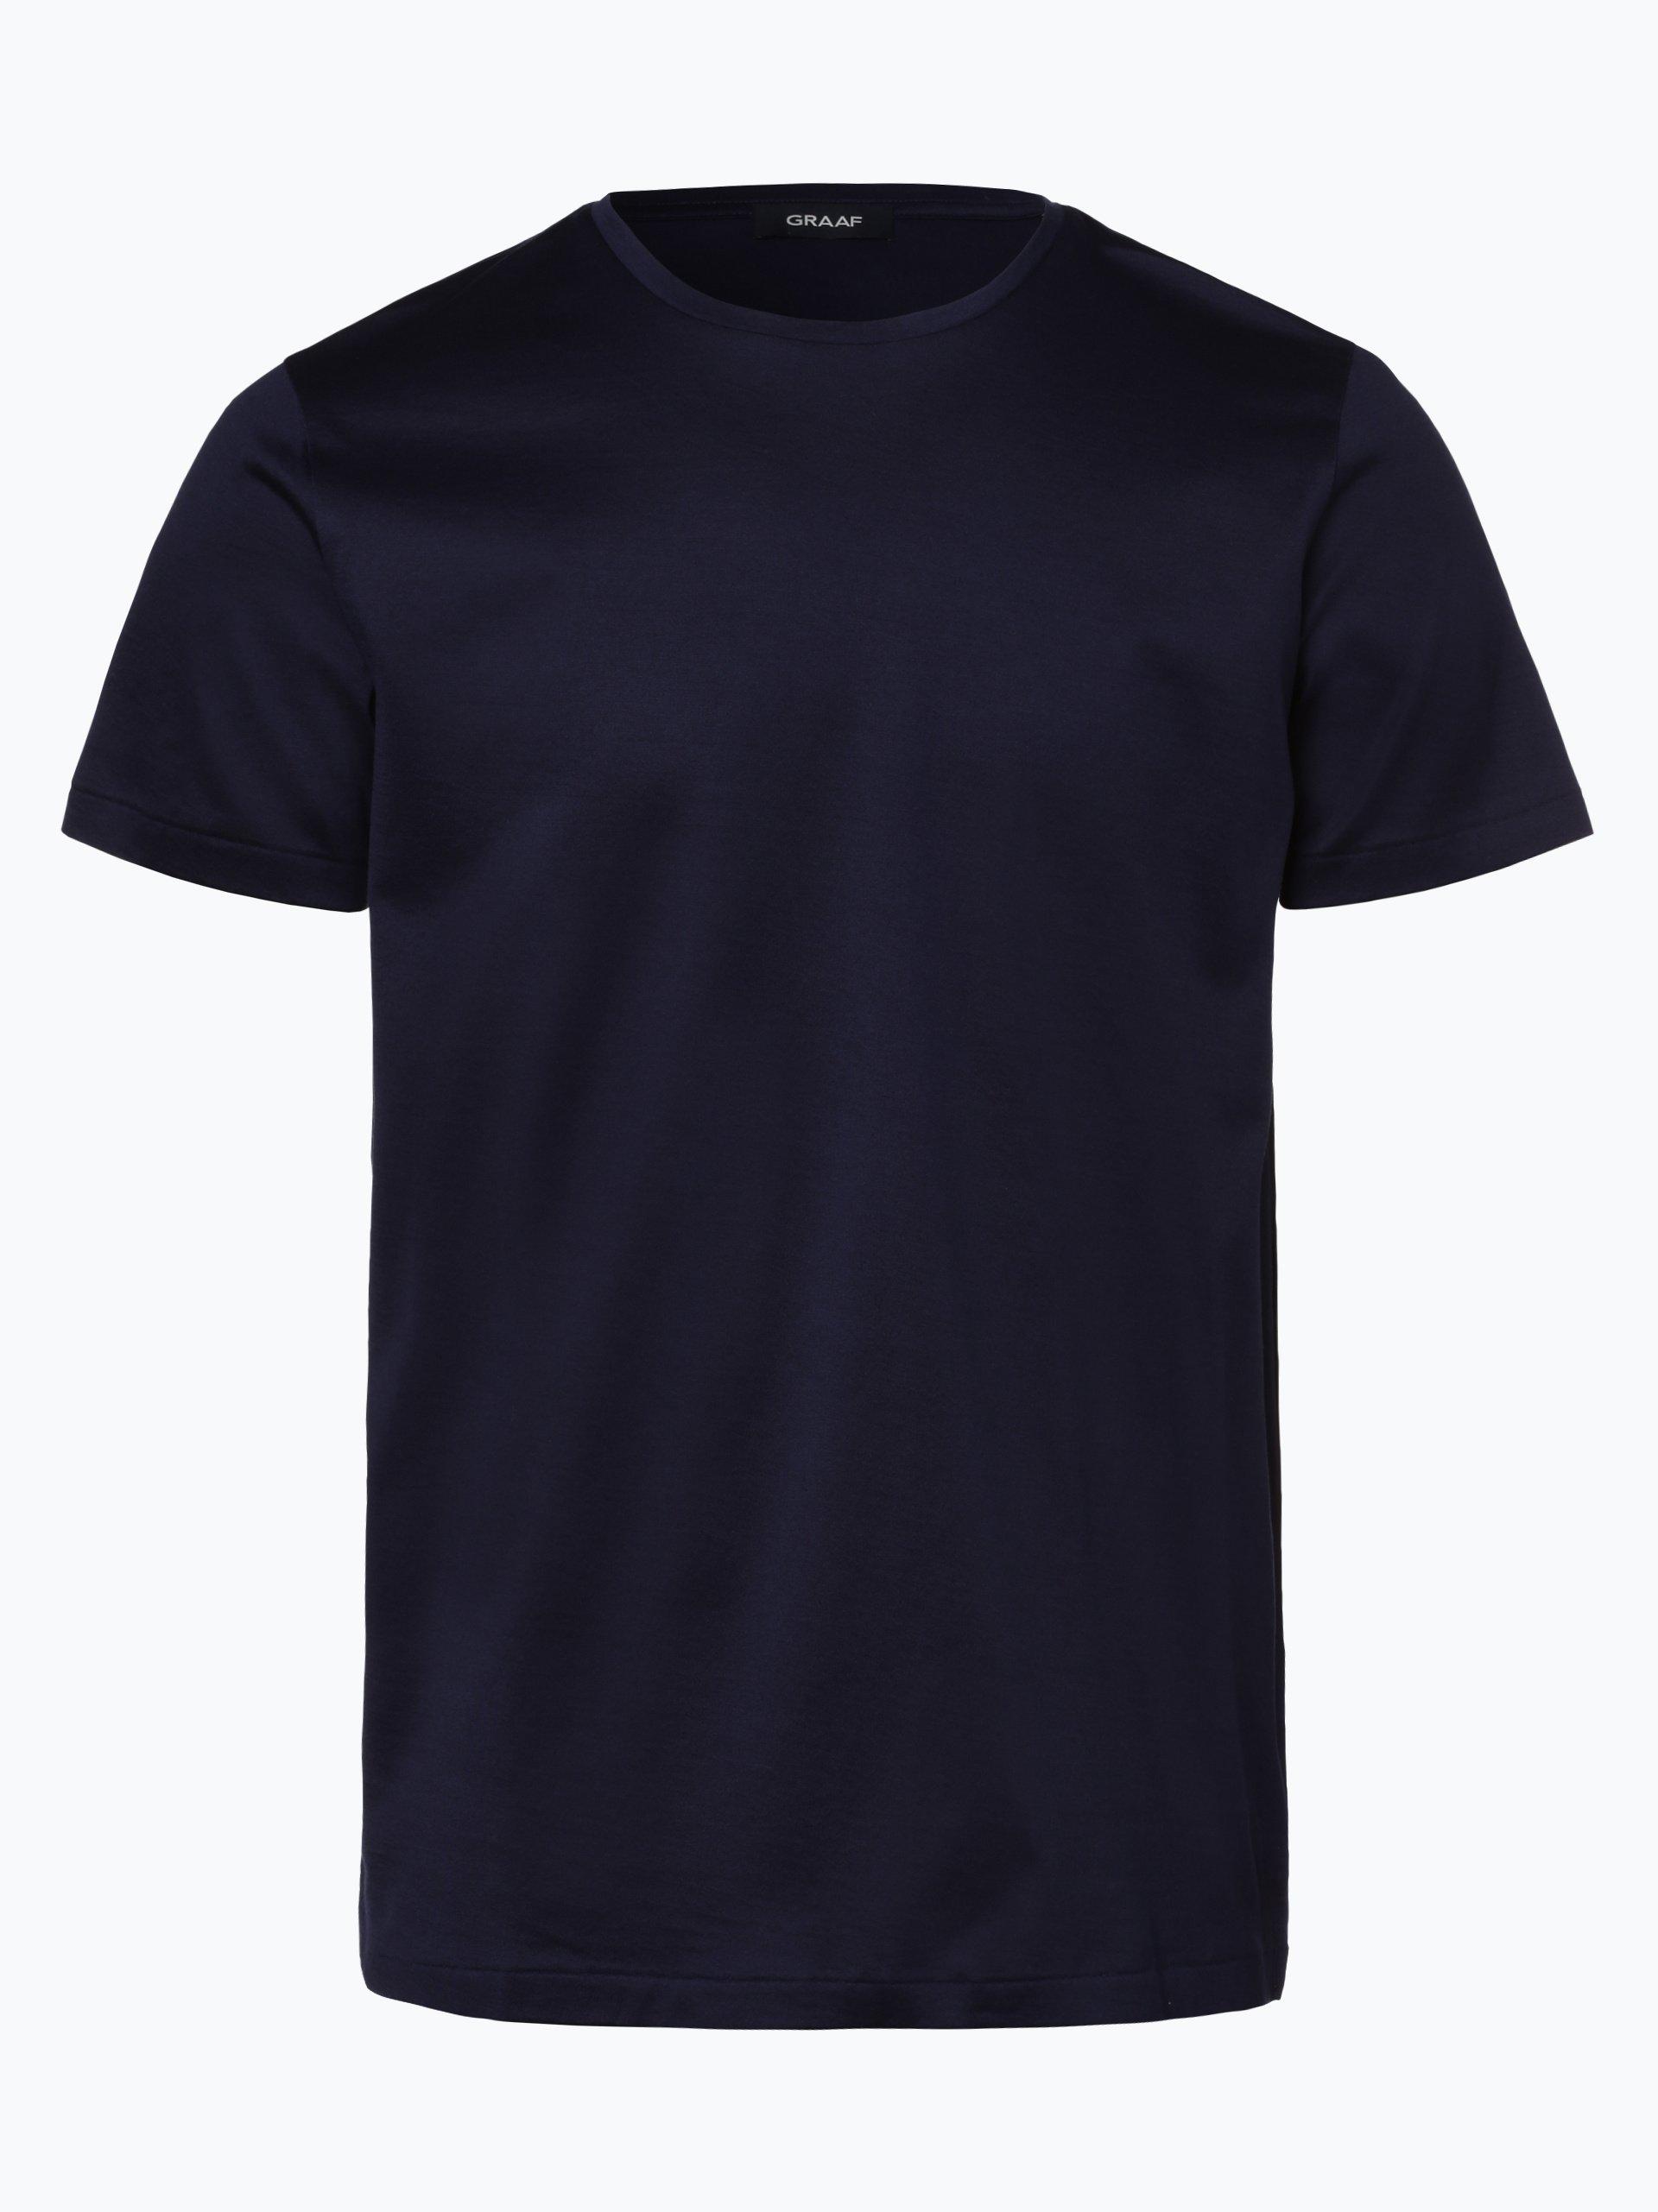 GRAAF T-shirt męski